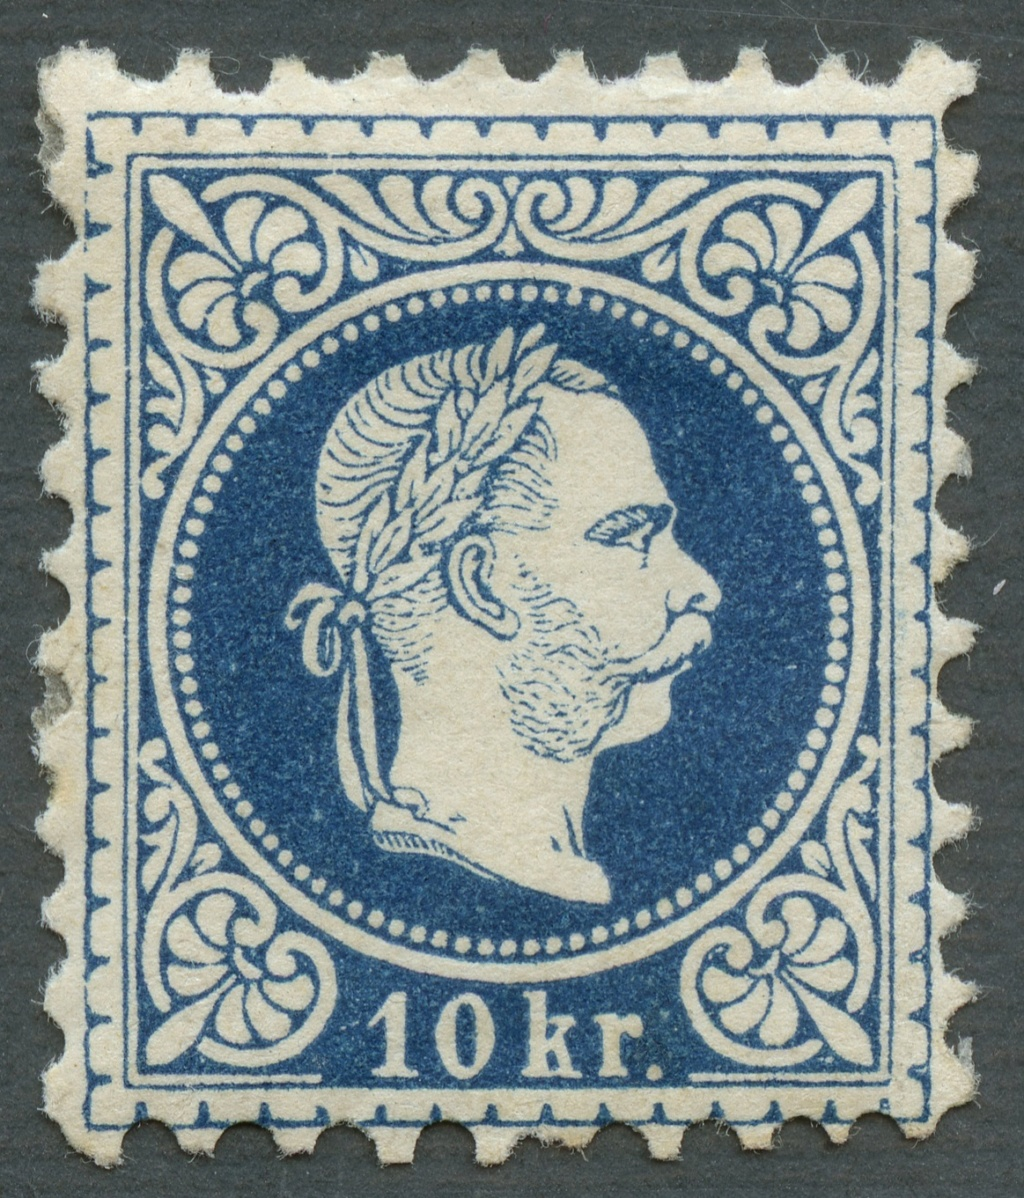 Nachtrag - Freimarken-Ausgabe 1867 : Kopfbildnis Kaiser Franz Joseph I - Seite 22 Ank_3812